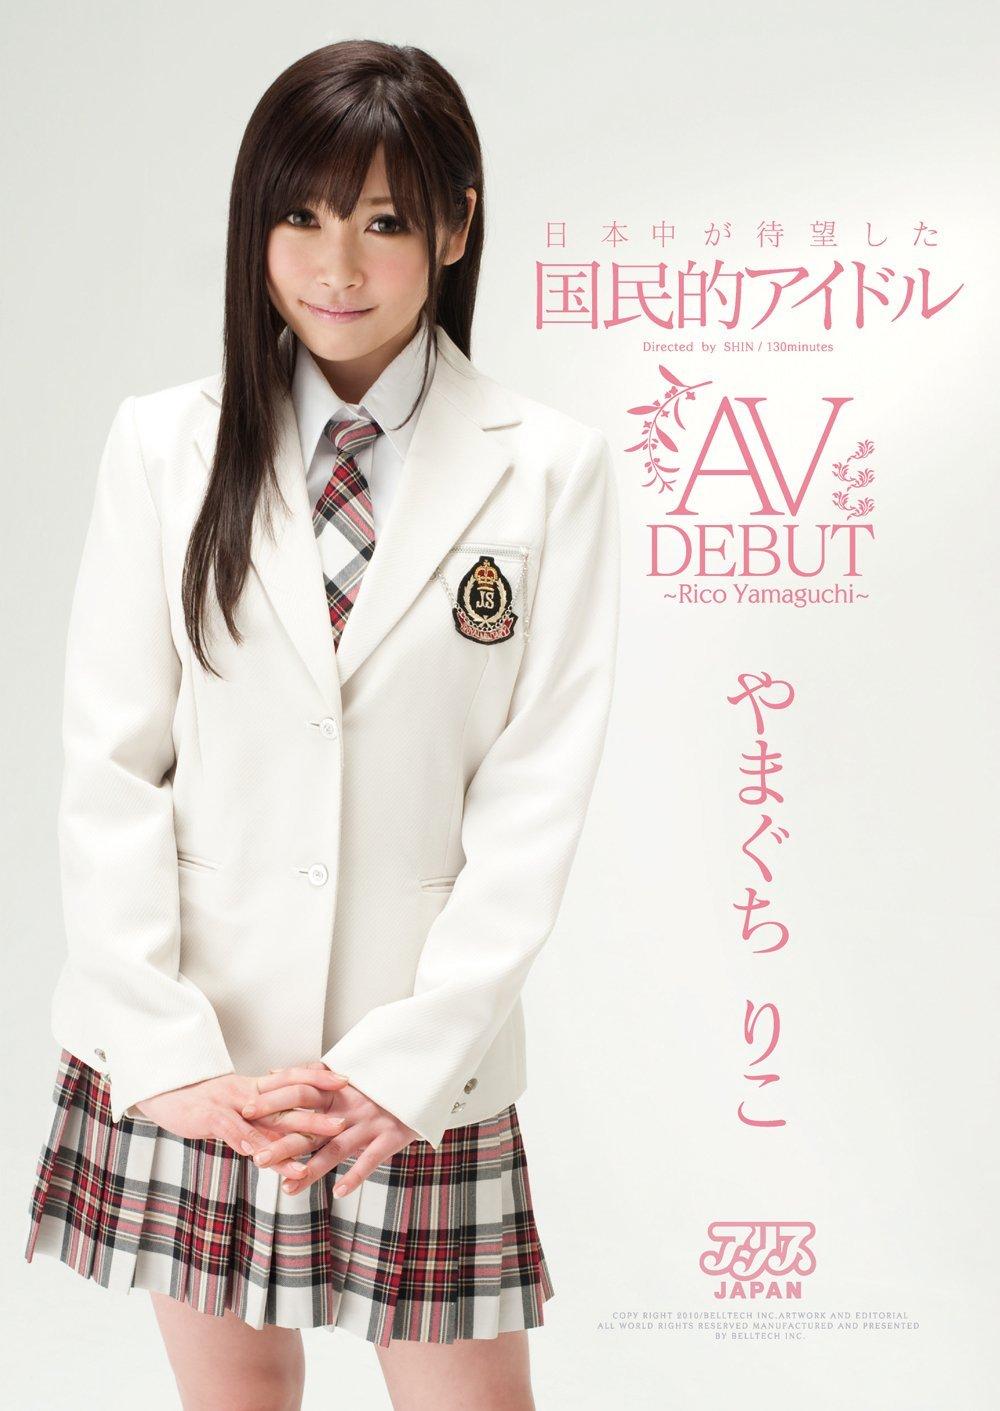 やまぐちりこのAV「日本中が待望した国民的アイドル やまぐちりこAV DEBUT」